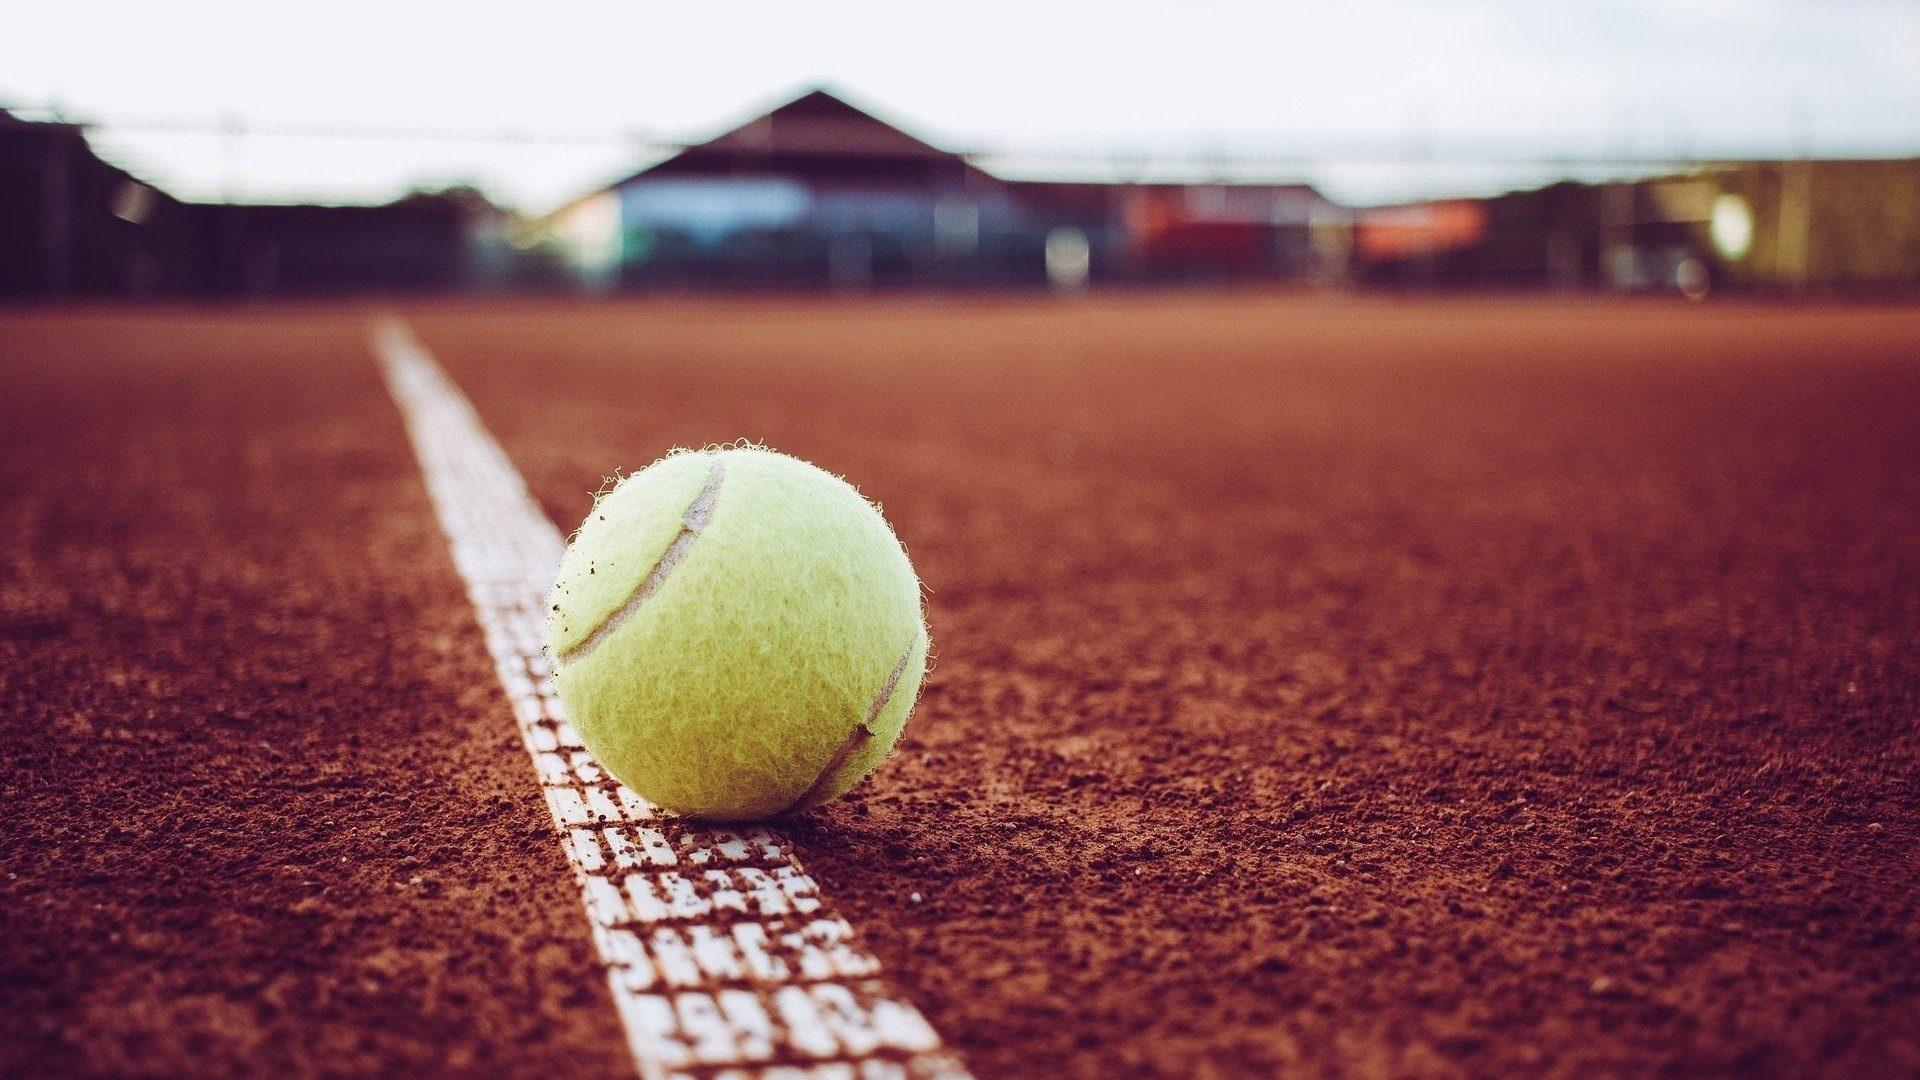 Tennis Ball 1080p wallpaper